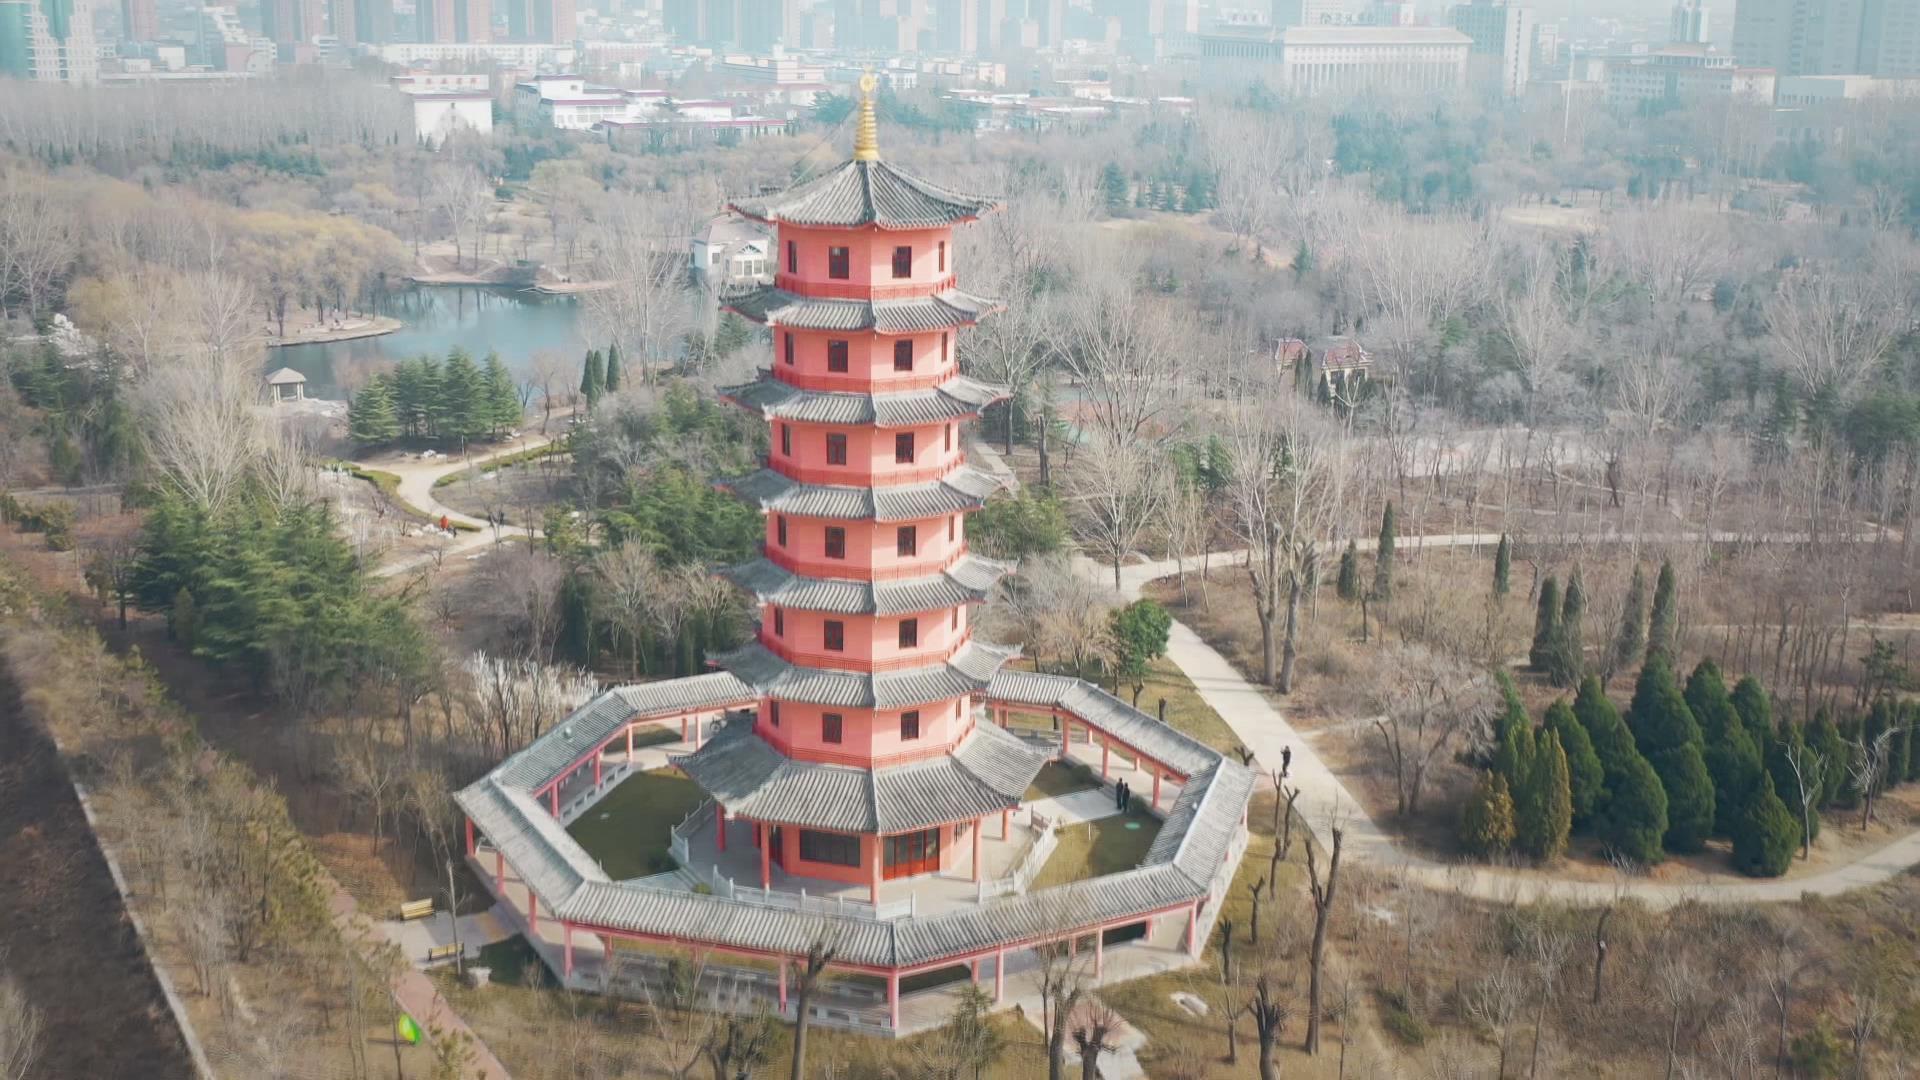 【舜网云踏青(三)】莱芜区红石公园:水清柳绿 红石耀眼